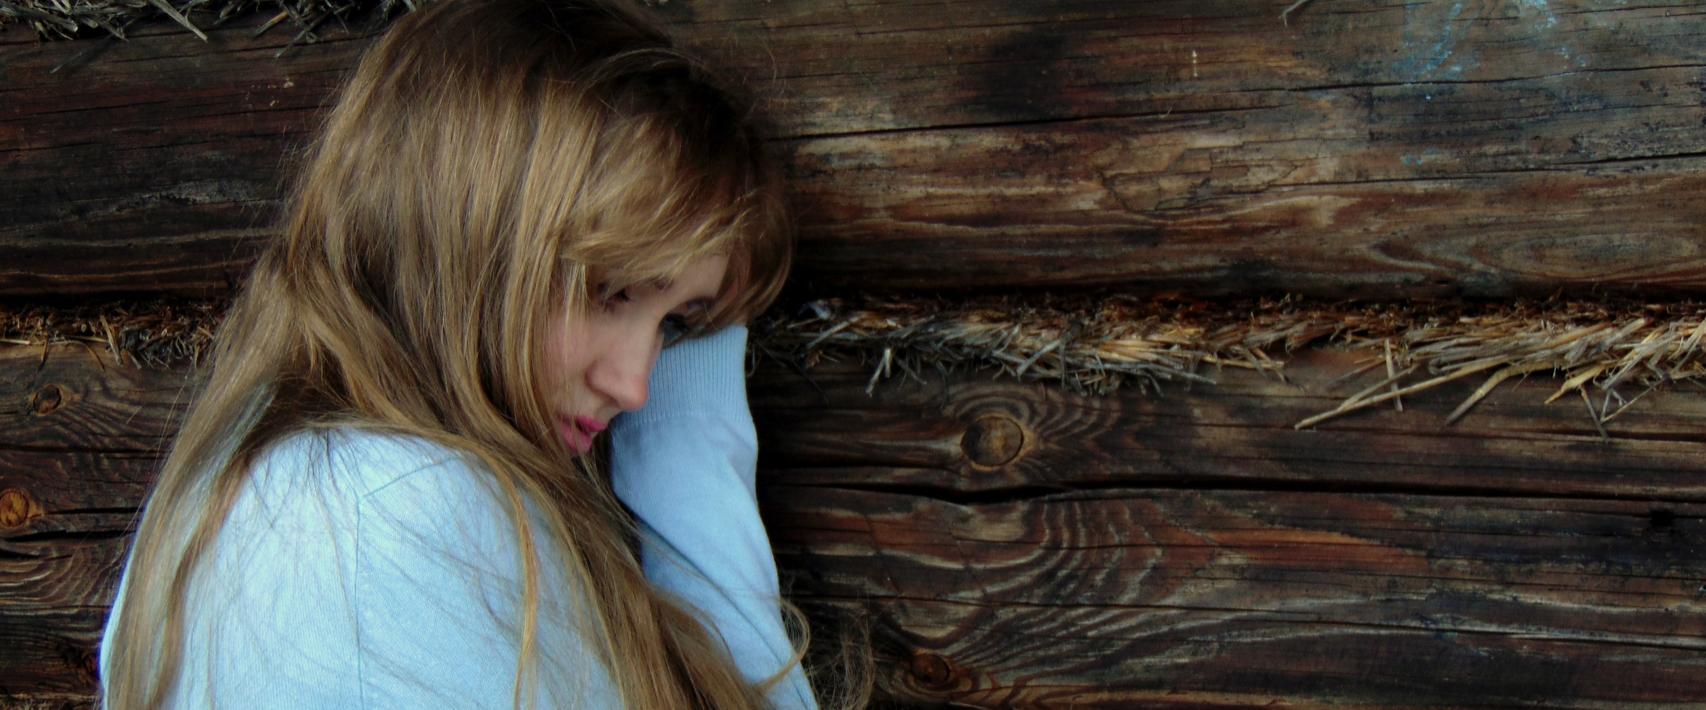 ¿Por qué hay mayor tendencia a la depresión en invierno?